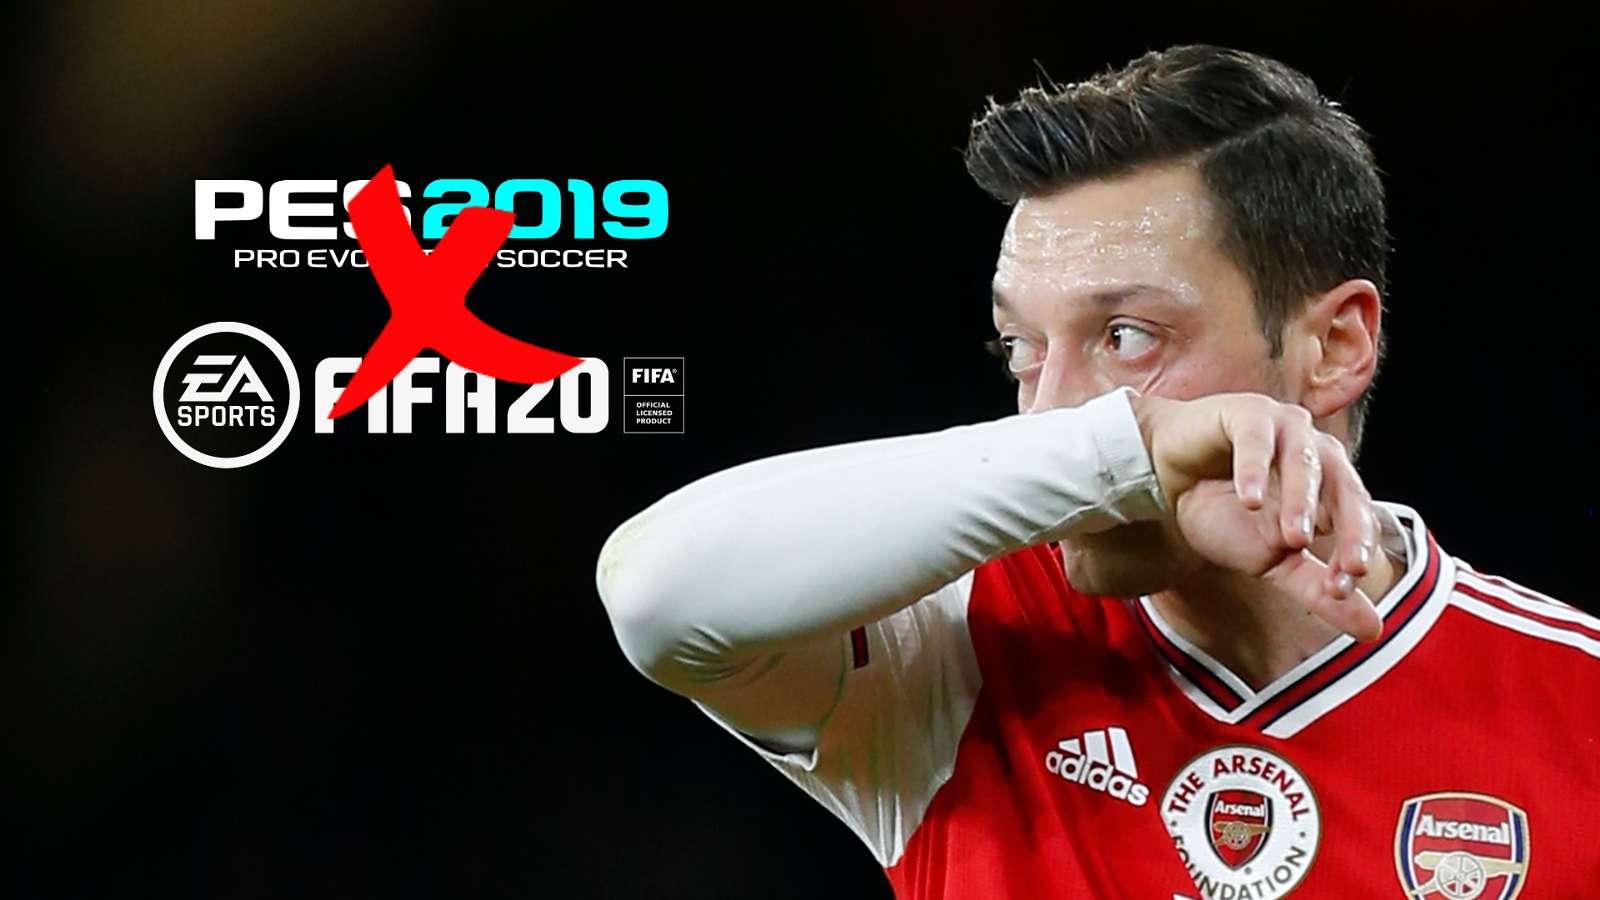 Mesut Özil dénonce la situation des musulmans en chinoise : il est supprimé de FIFA et de PES en Chine